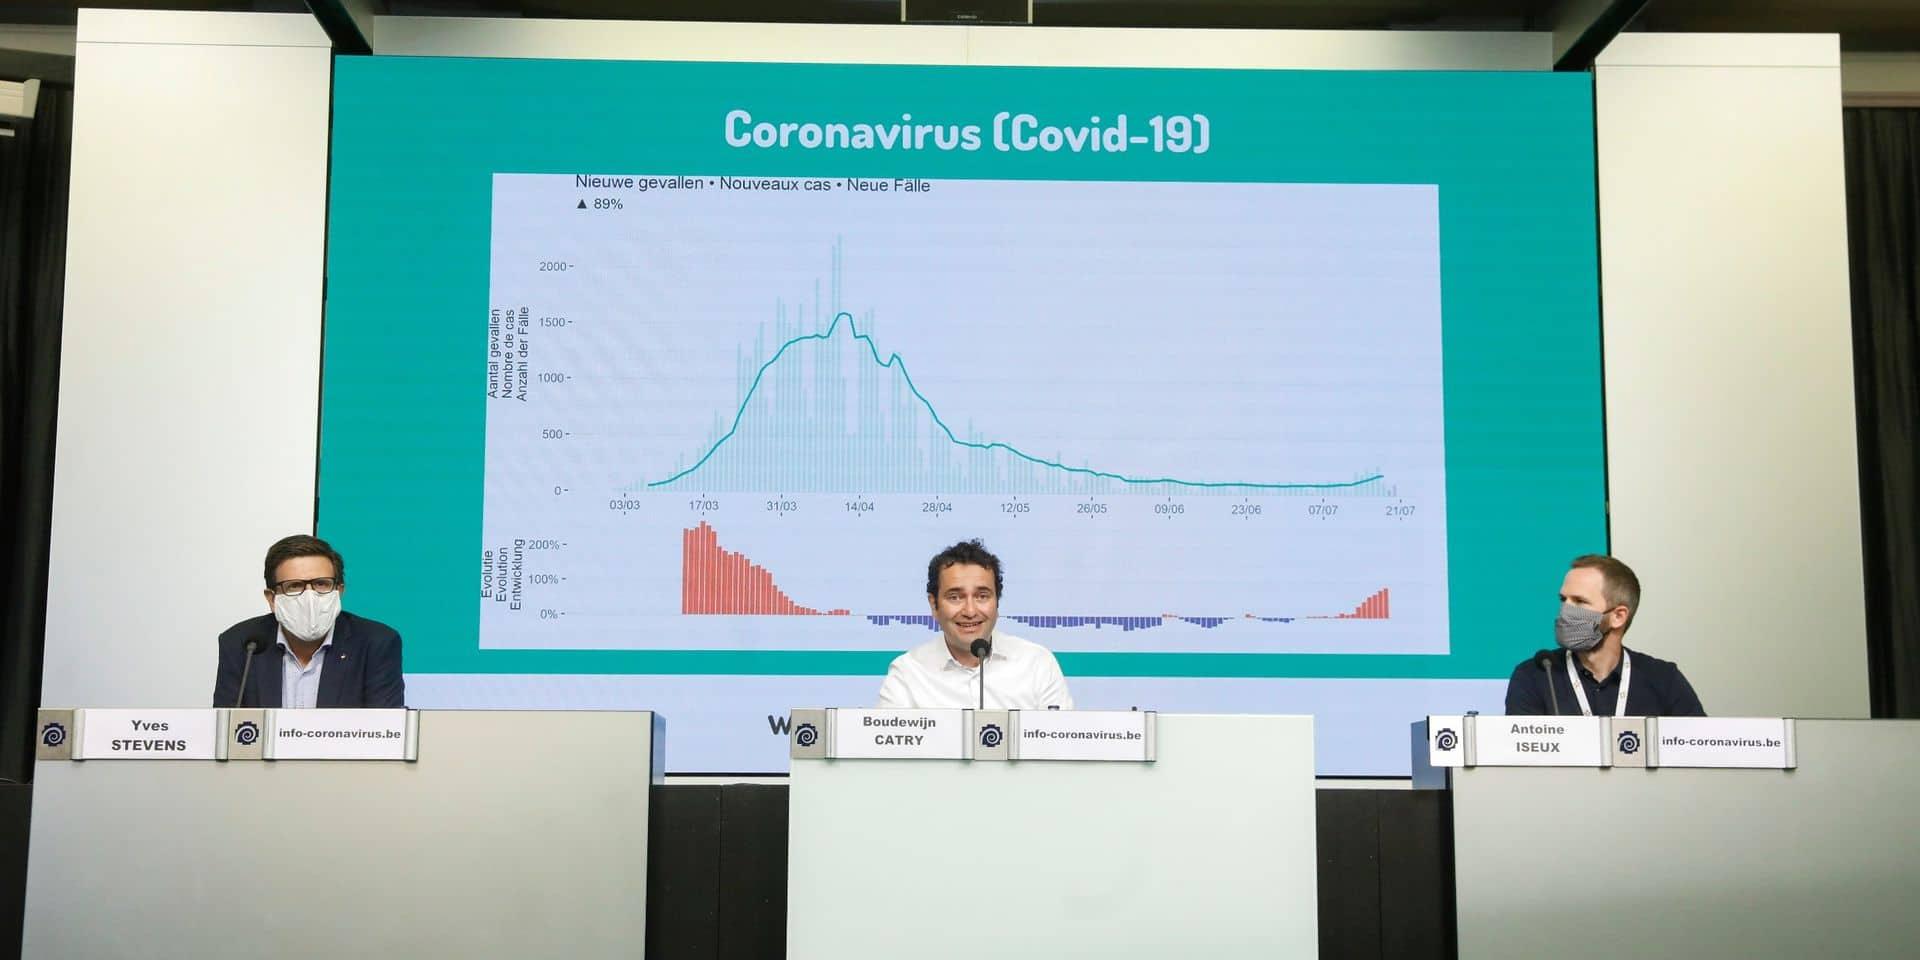 Coronavirus: Sciensano dévoilera de nouvelles informations dans ses bulletins quotidiens dès vendredi